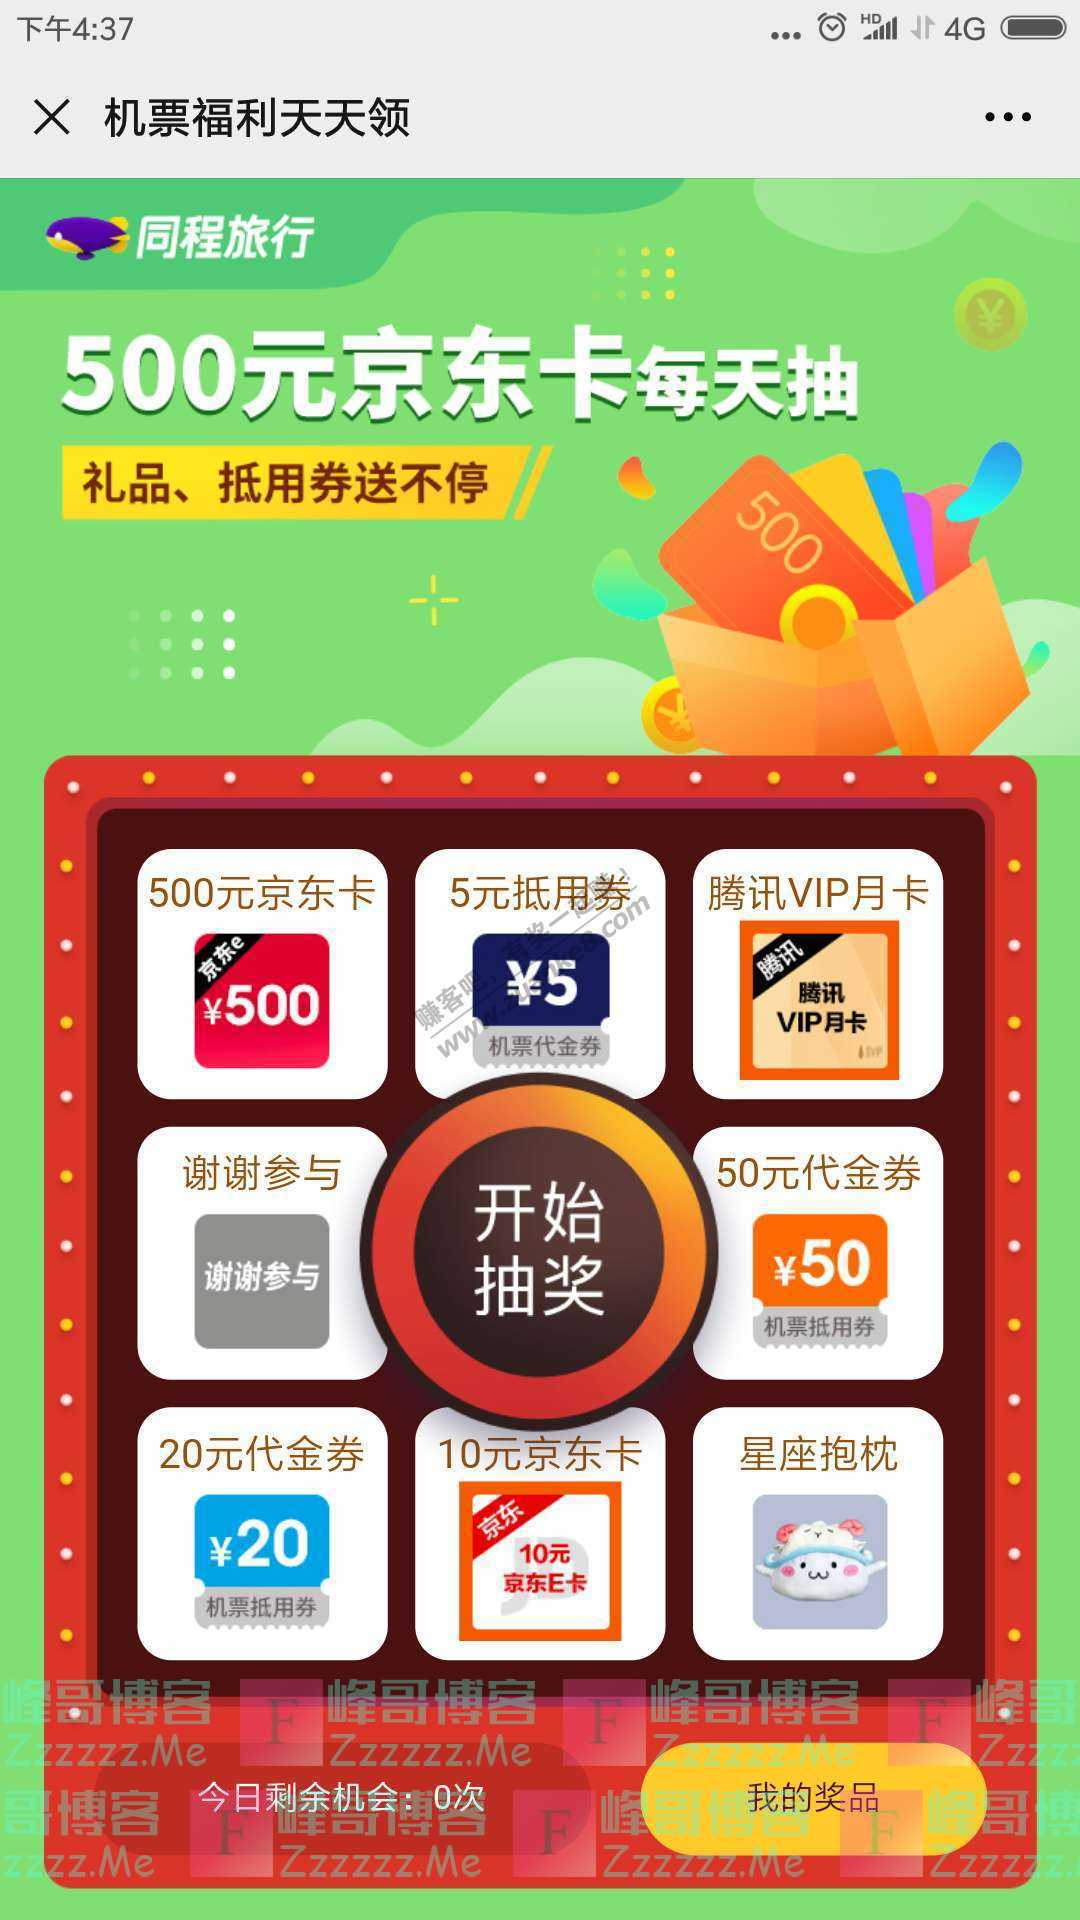 同程机票500元京东卡每天抽(截止8月17日)